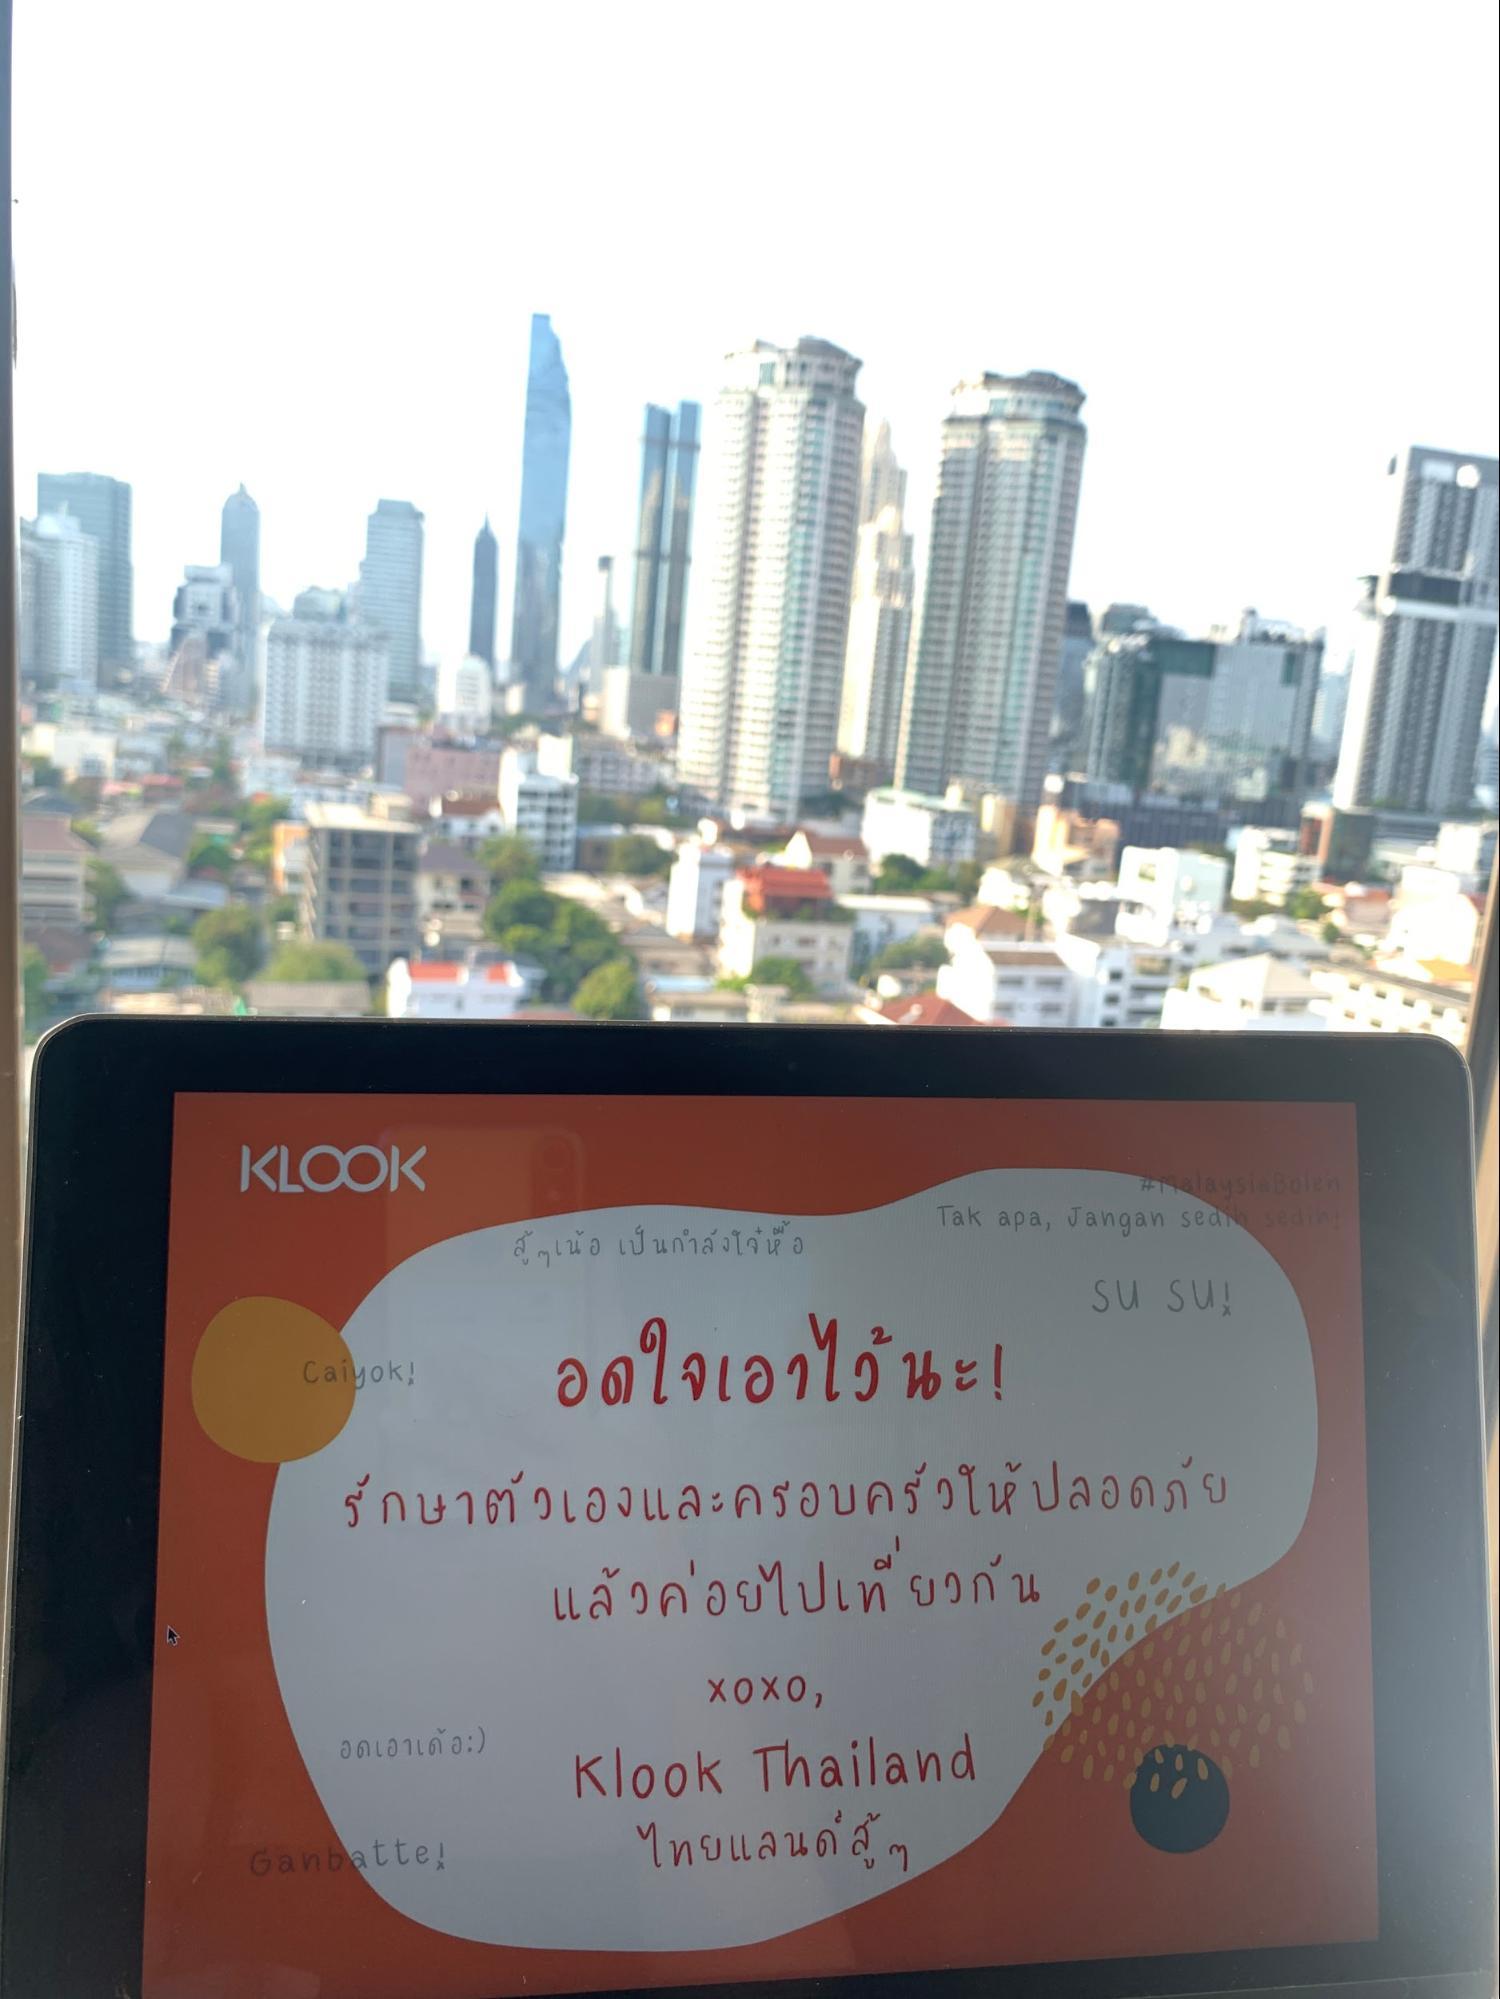 King Power Mahanakhon in Bangkok